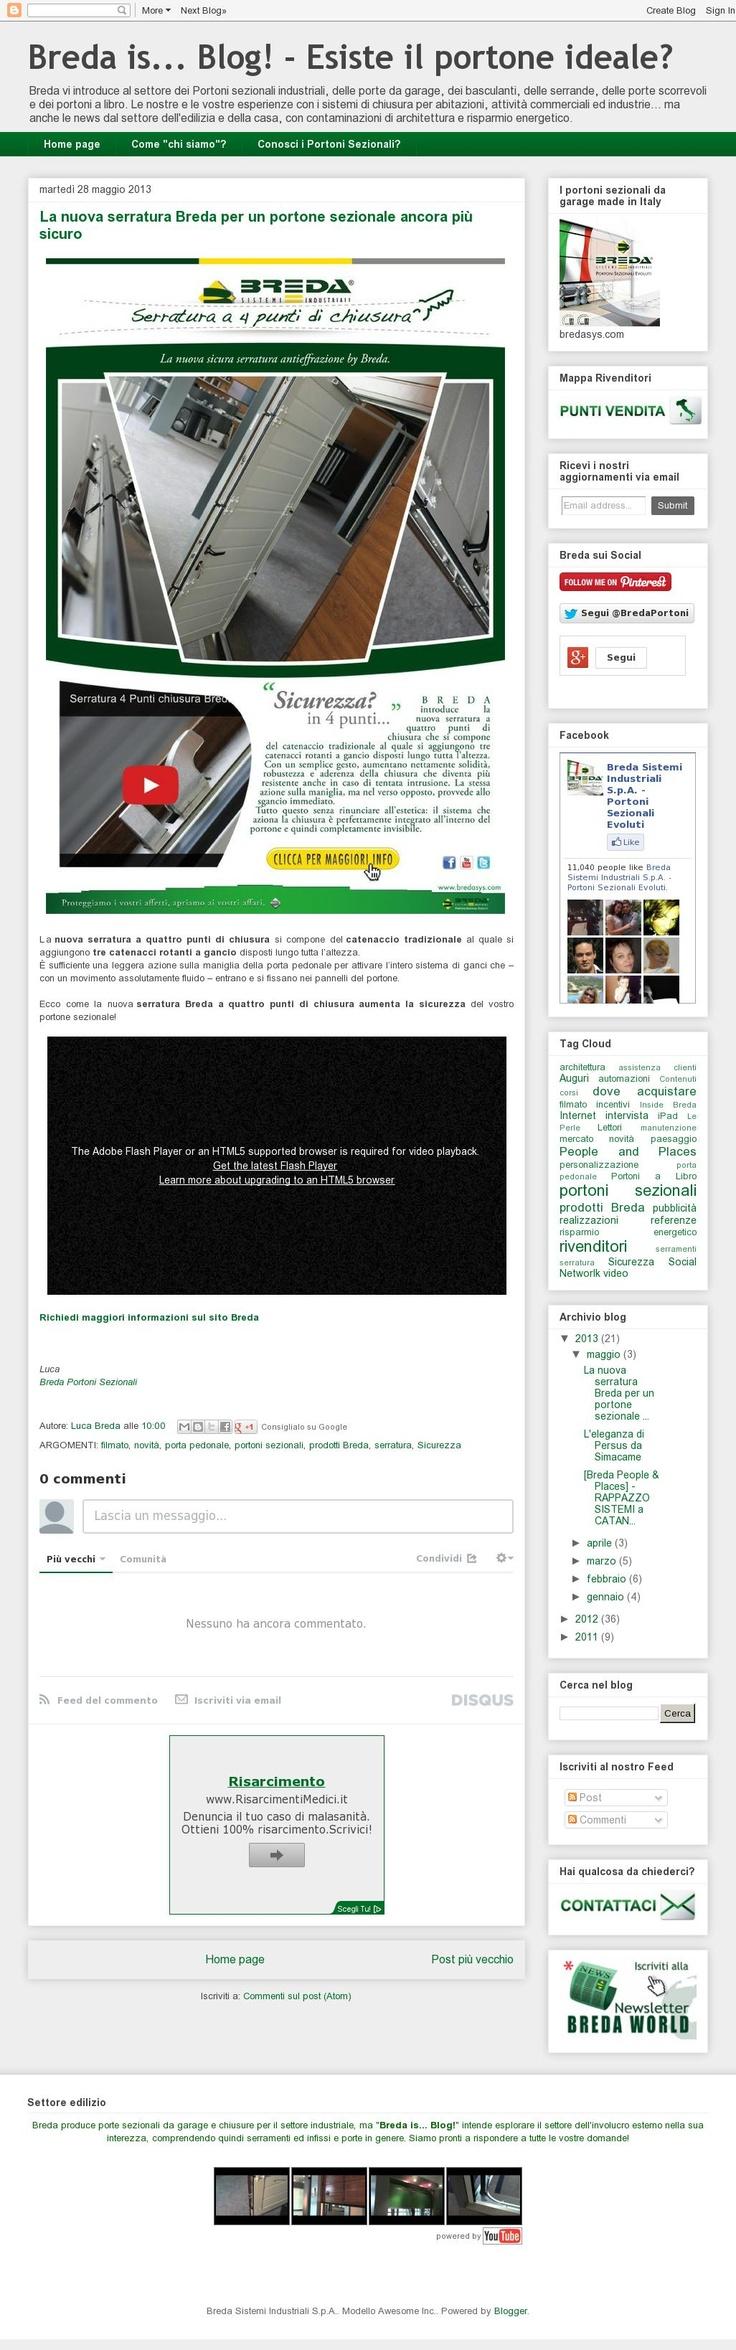 La nuova serratura Breda per un portone sezionale ancora più sicuro! http://blog.bredasys.com/2013/05/serratura-sicurezza-breda-4-punti-di-chiusura.html #serratura#breda #sicurezza #portoni #sectional #doors